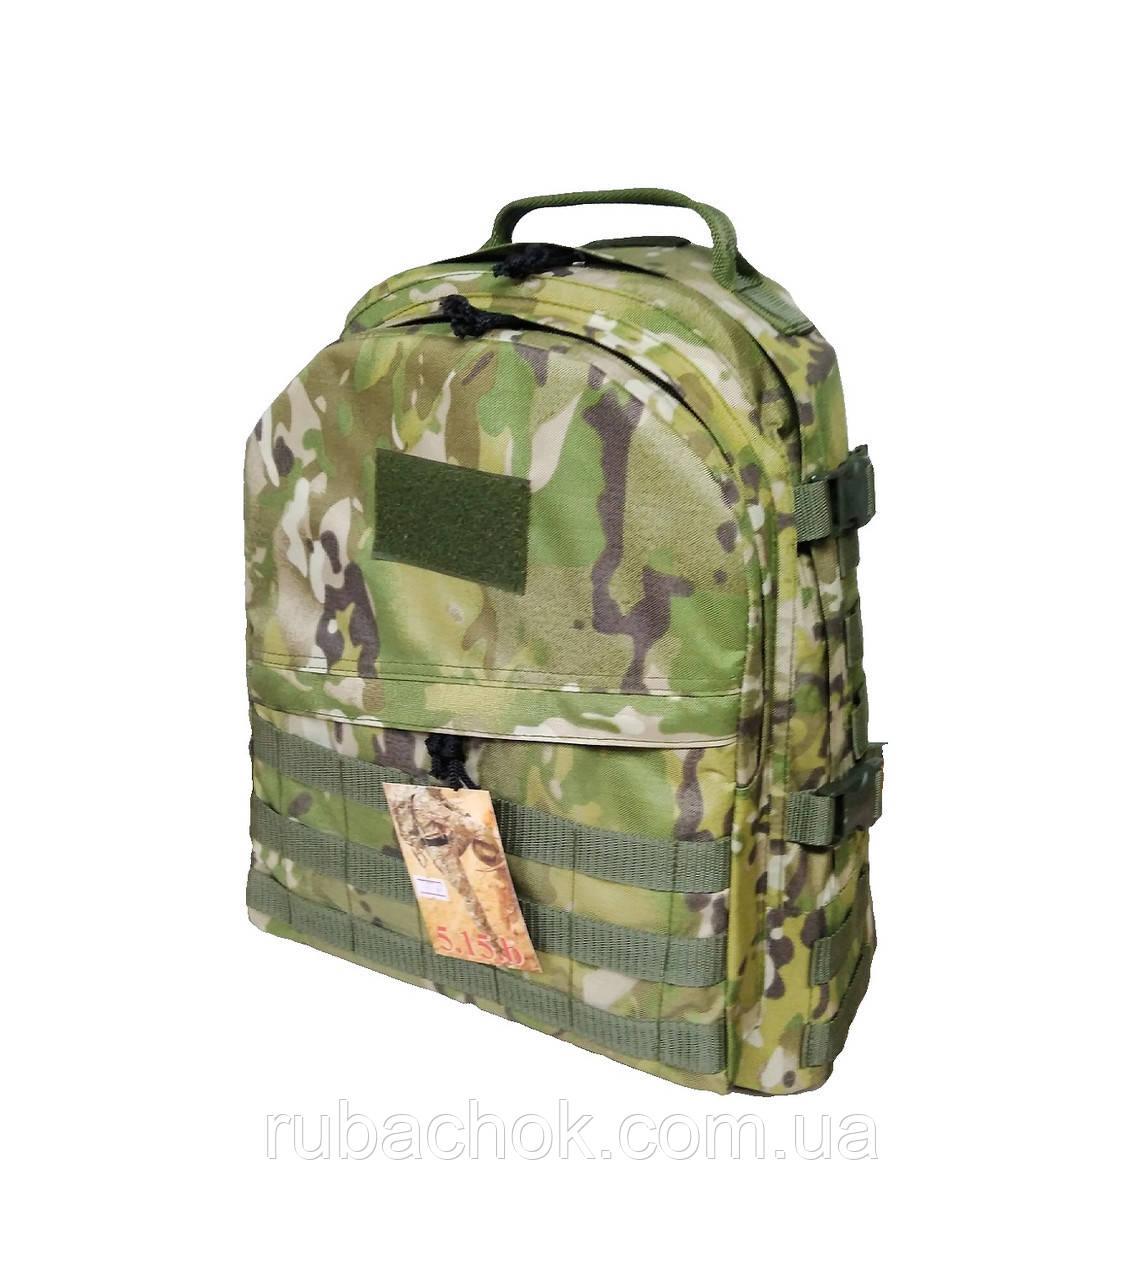 Тактический армейский супер-крепкий рюкзак 30 литров мультикам